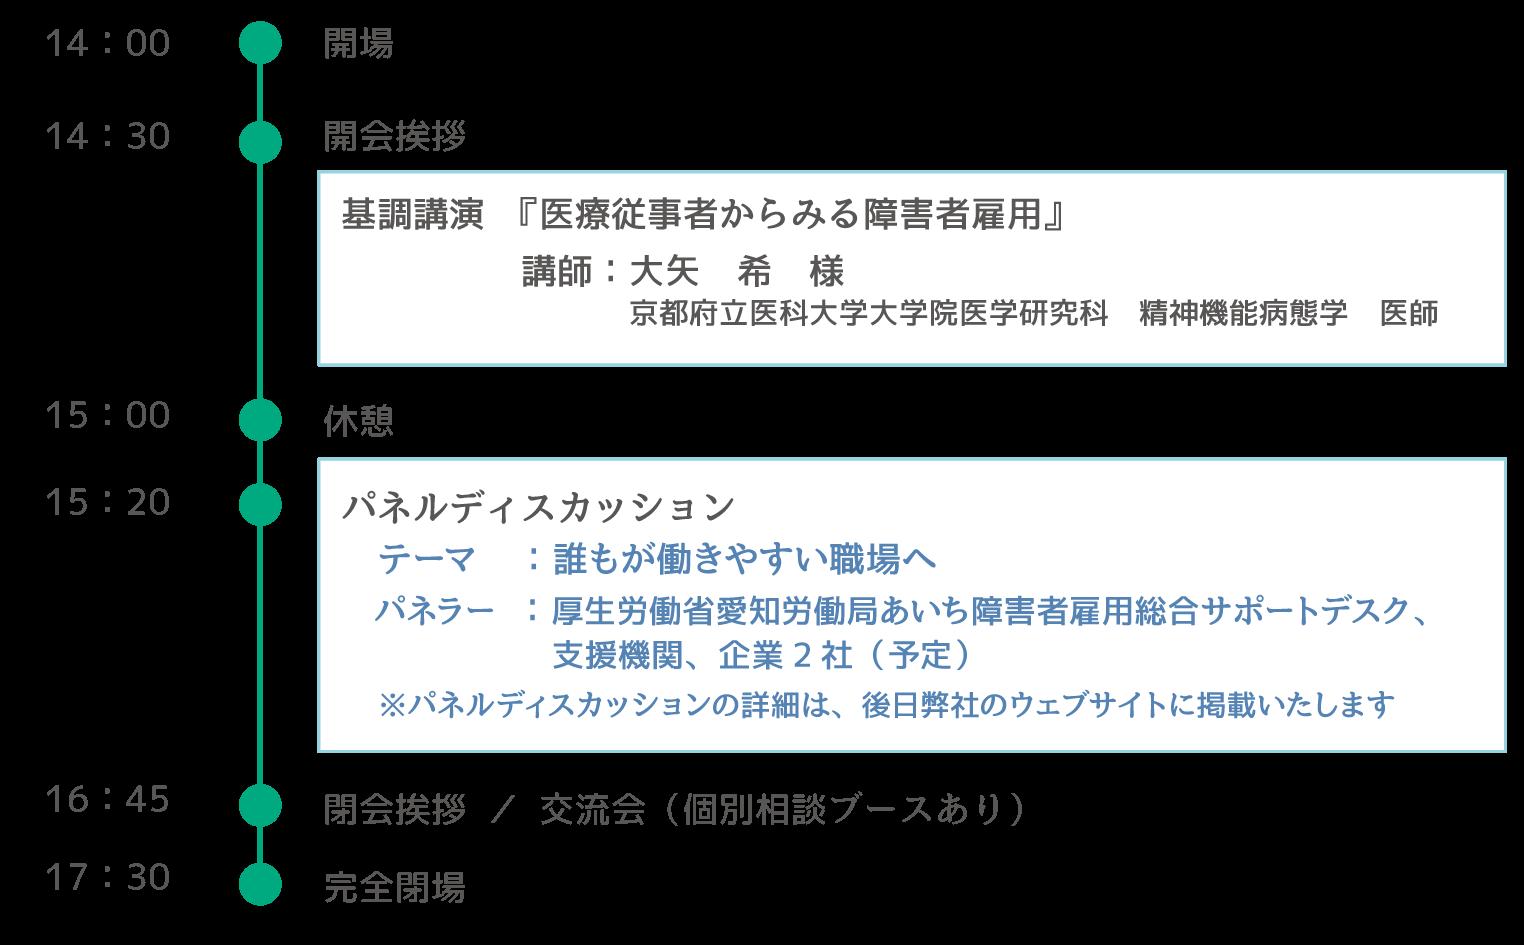 あいち就労フォーラム_タイムテーブル_0910